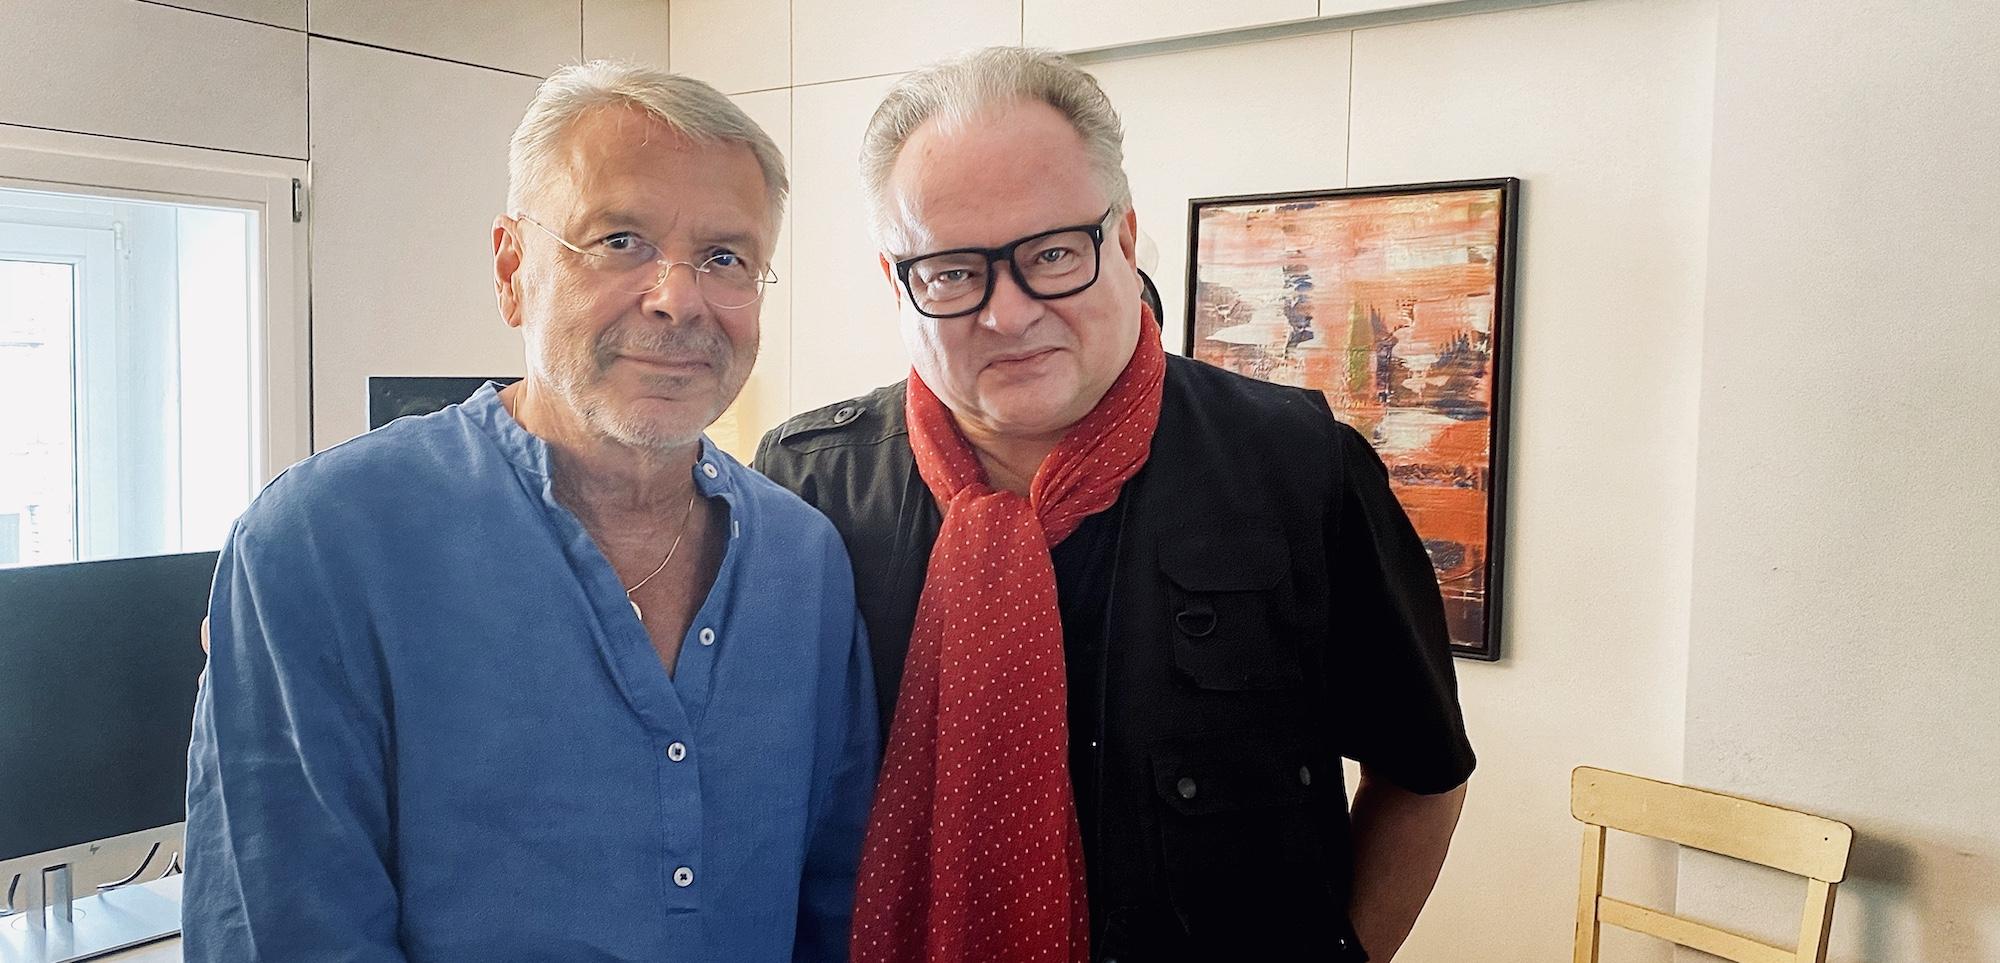 Heinz und Reinhard klein